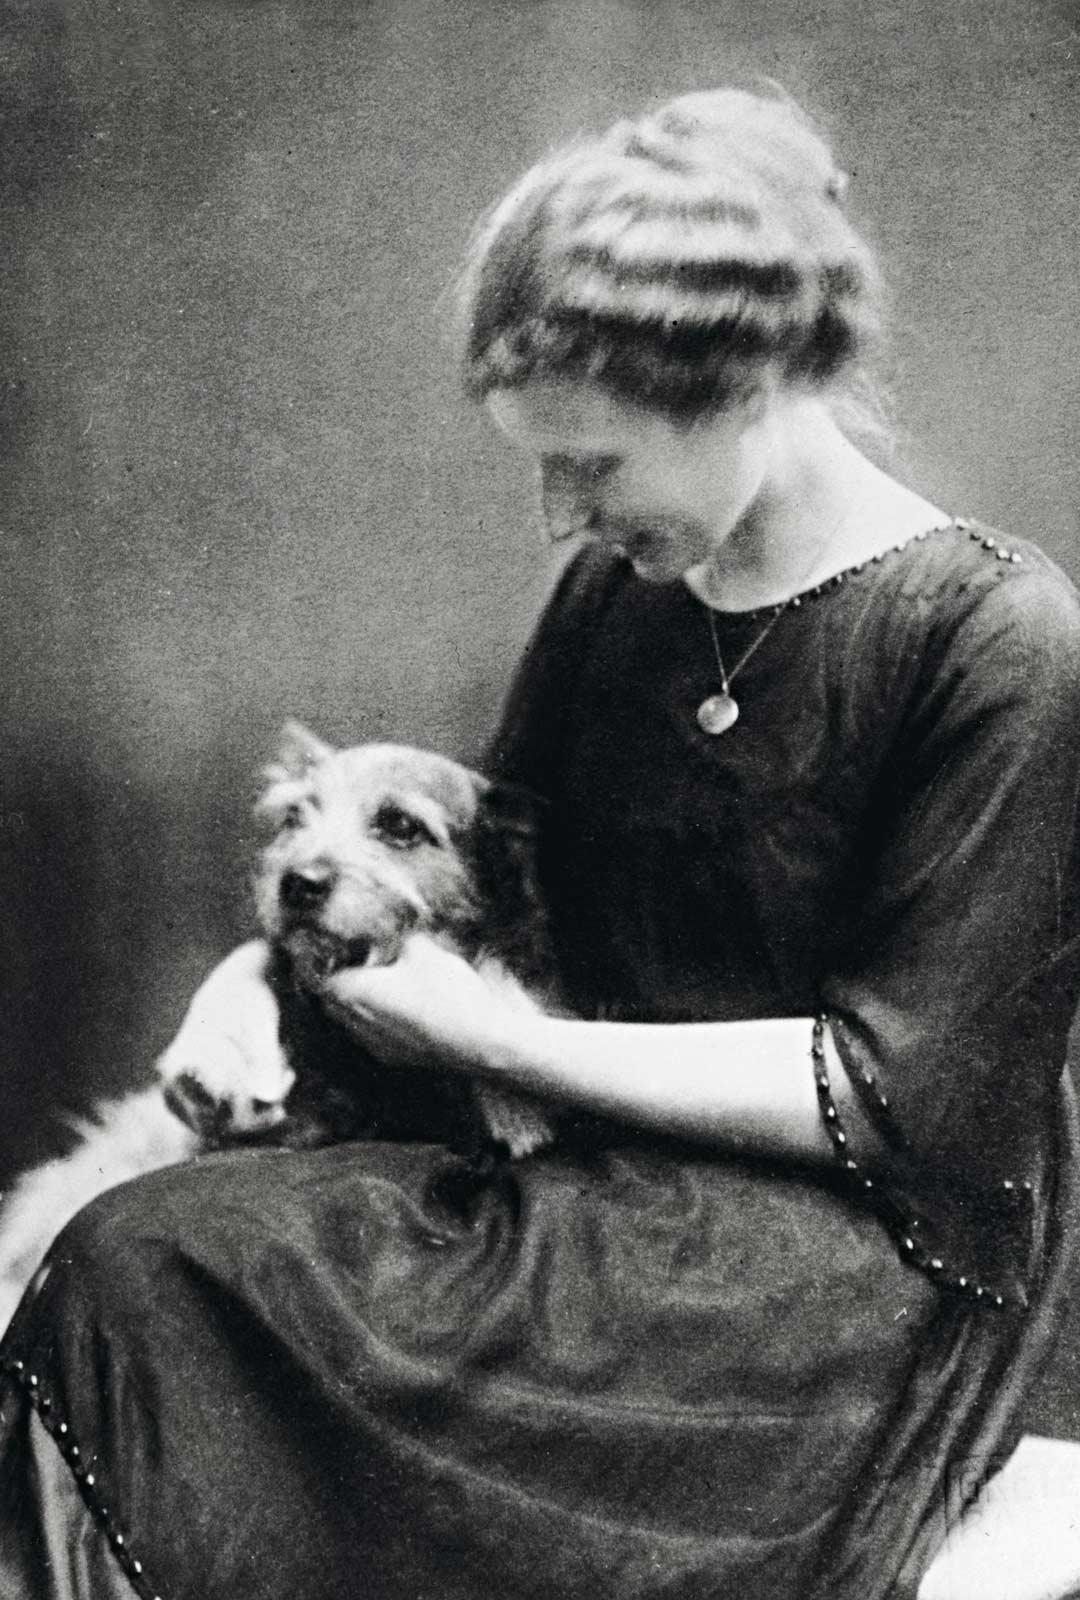 """Agnes Sjöberg pukeutui väitöstilaisuudessaan vuonna 1918 frakin sijasta silkkileninkiin, vaikka häntä oli Saksassa opastettu """"toimimaan kuin muutkin herrat""""."""